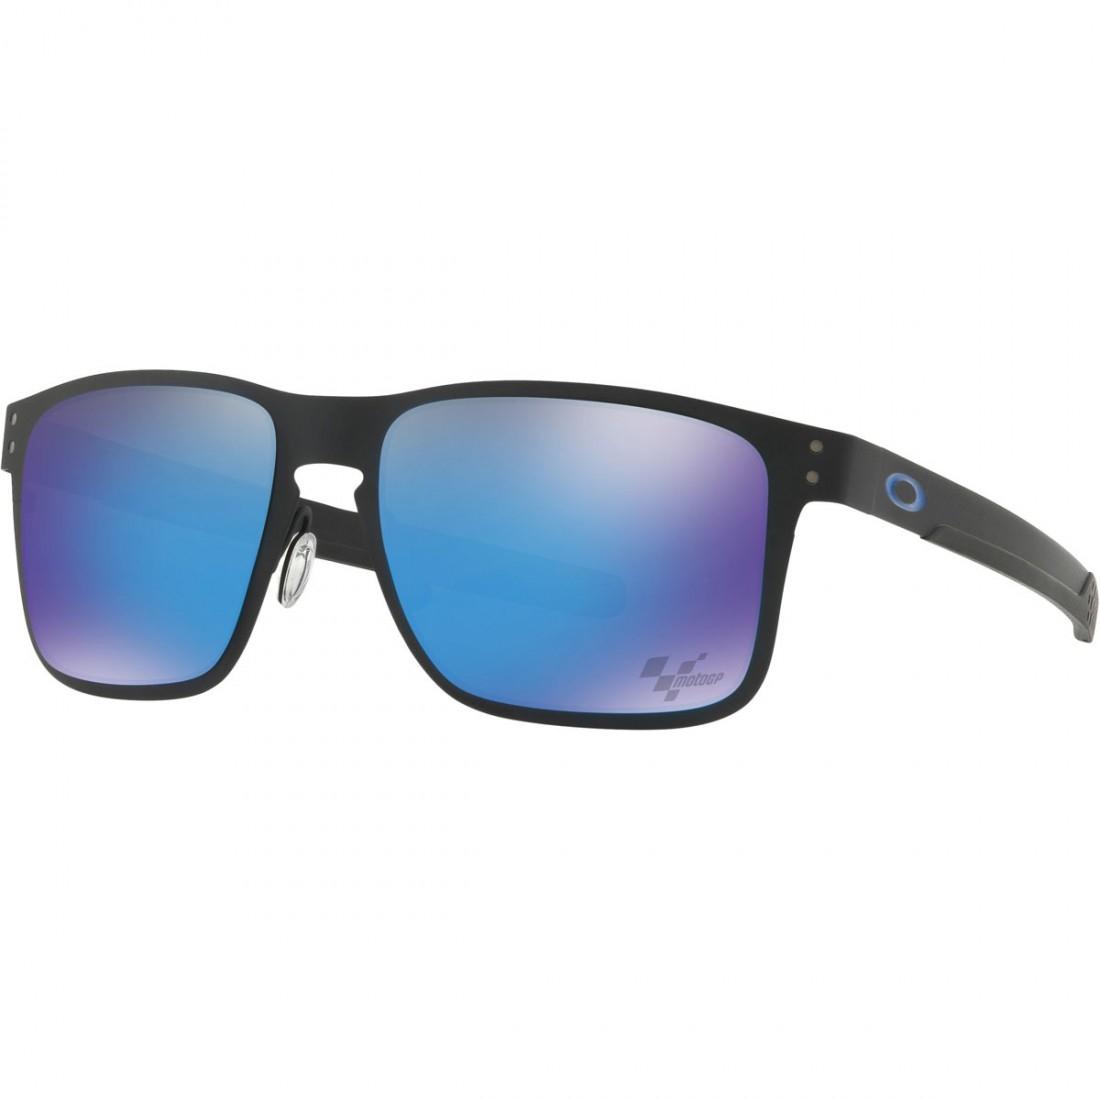 a21f80f9f6ef9 Óculos de sol OAKLEY Holbrook Metal Moto GP Matte Black   Prizm Sapphire